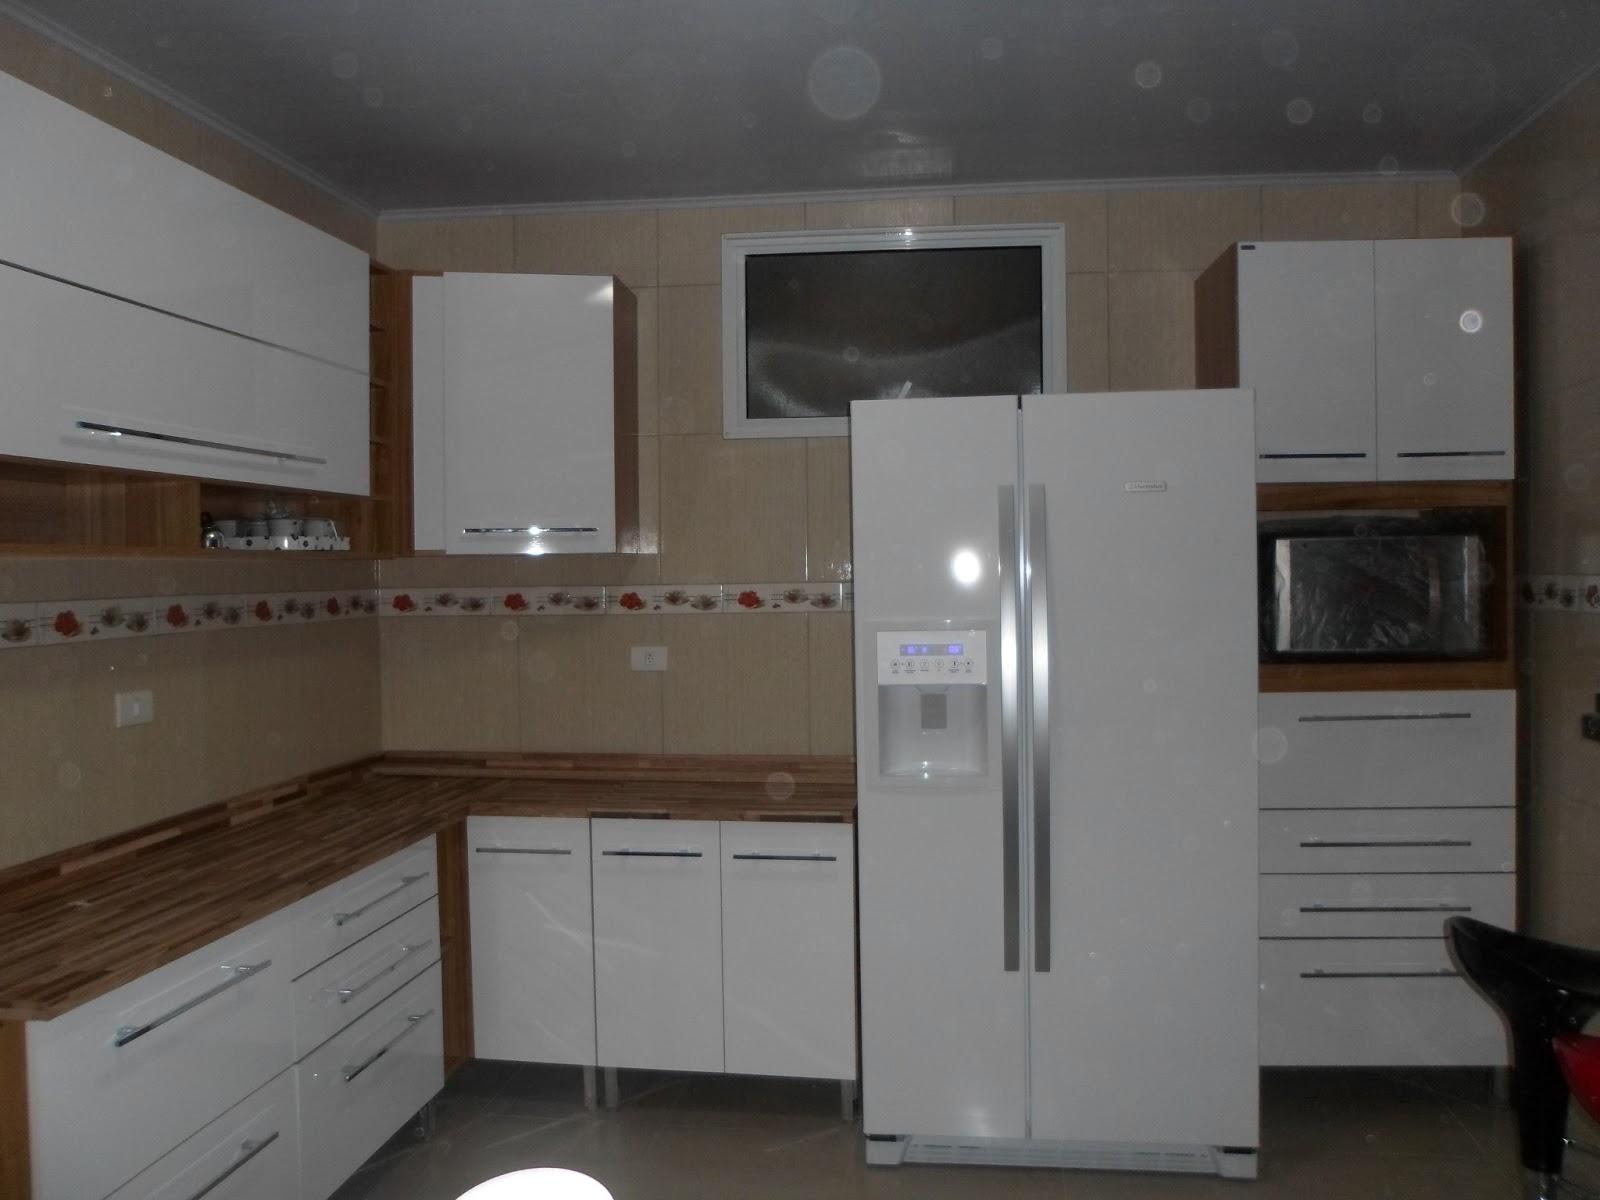 cozinha planejada bartira casas bahiaIdéias de decoração para casa #594F44 1600 1200